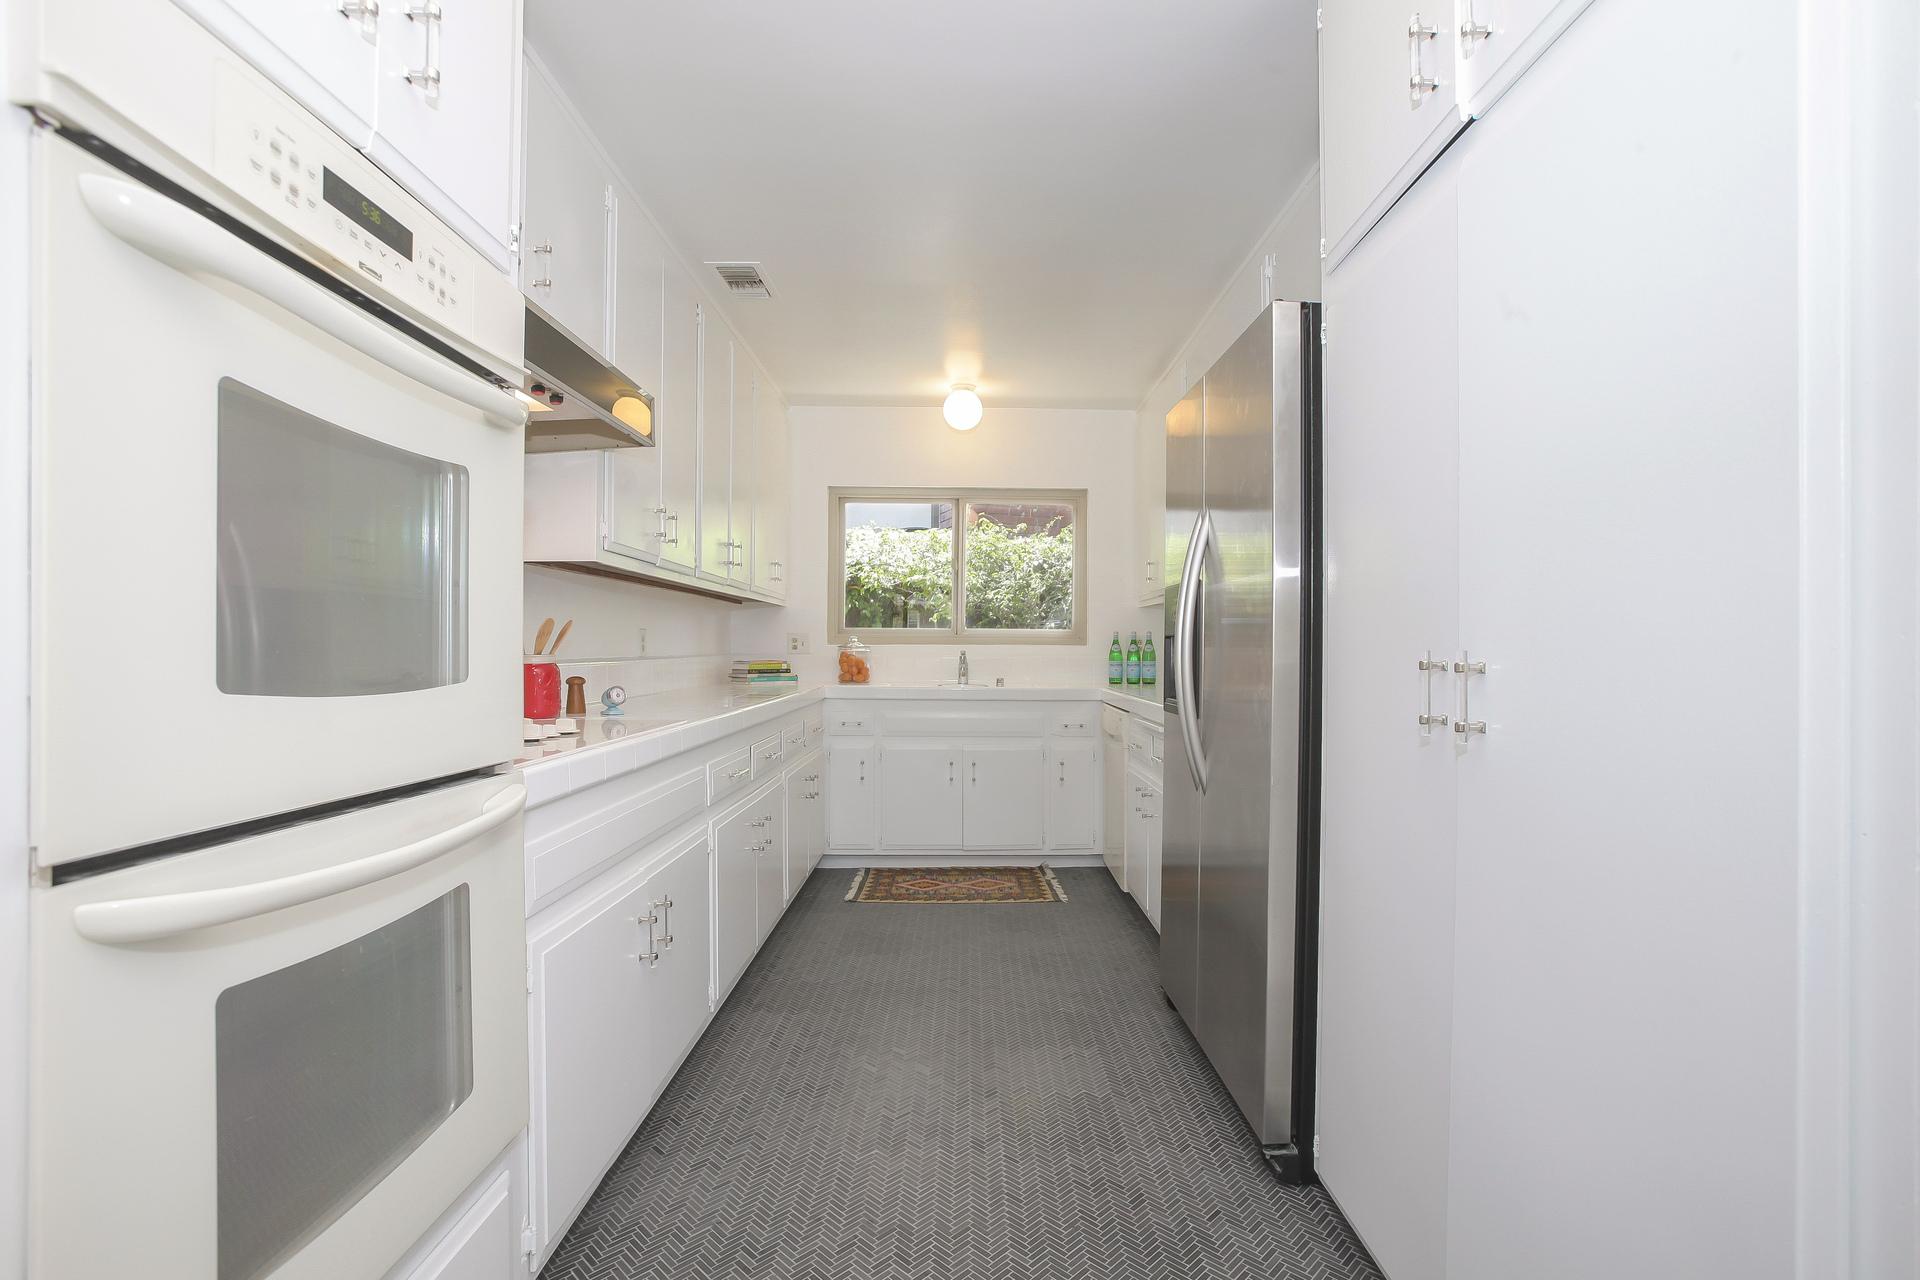 015-Kitchen-4443093-medium.jpg